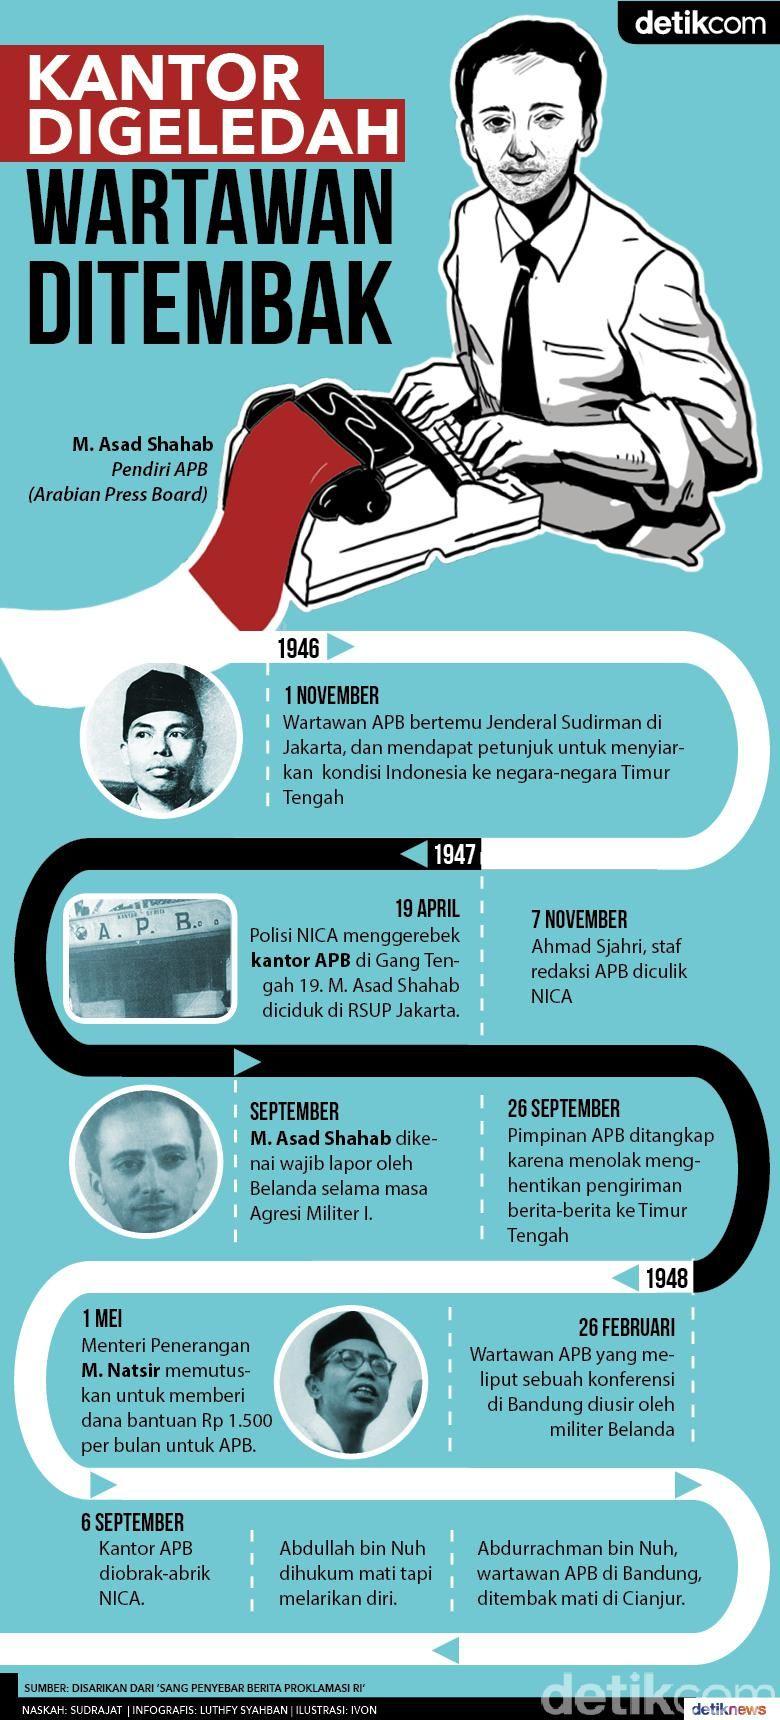 Kantor Digeledah, Wartawan Ditembak